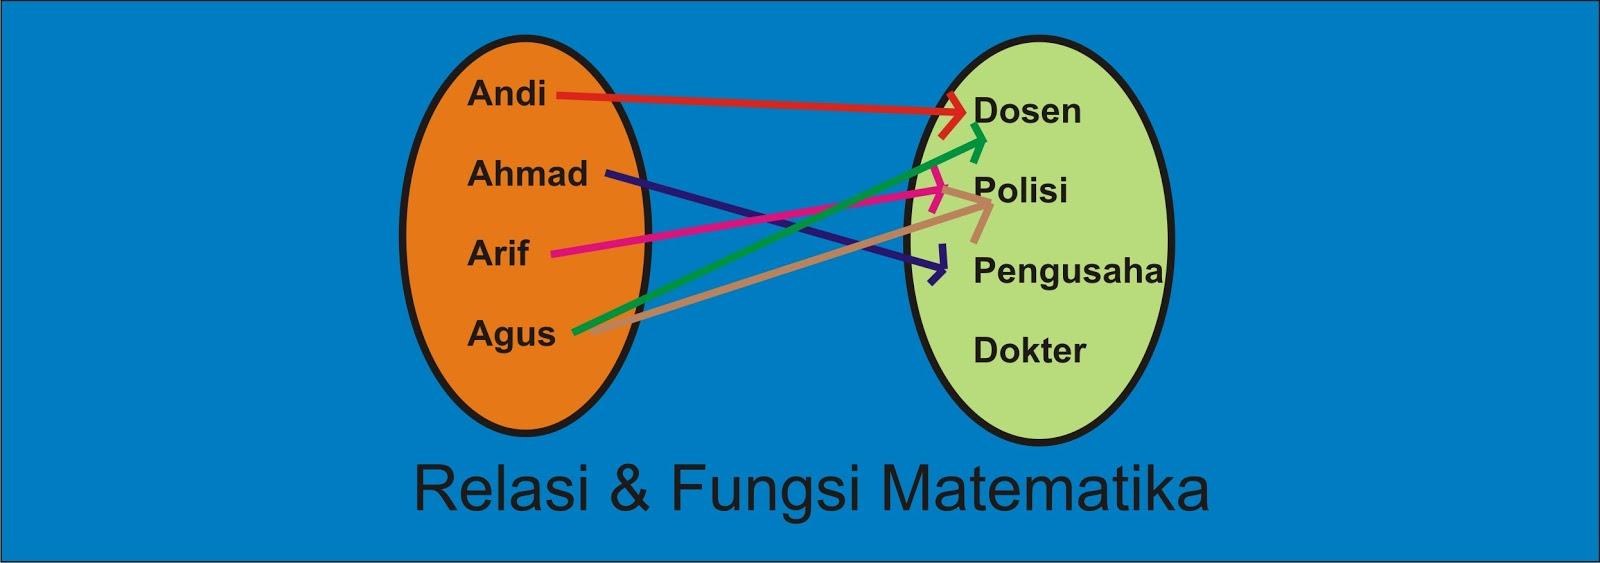 Fungsi matematika dan relasi magister matematika fungsi dan relasi matematika ccuart Choice Image